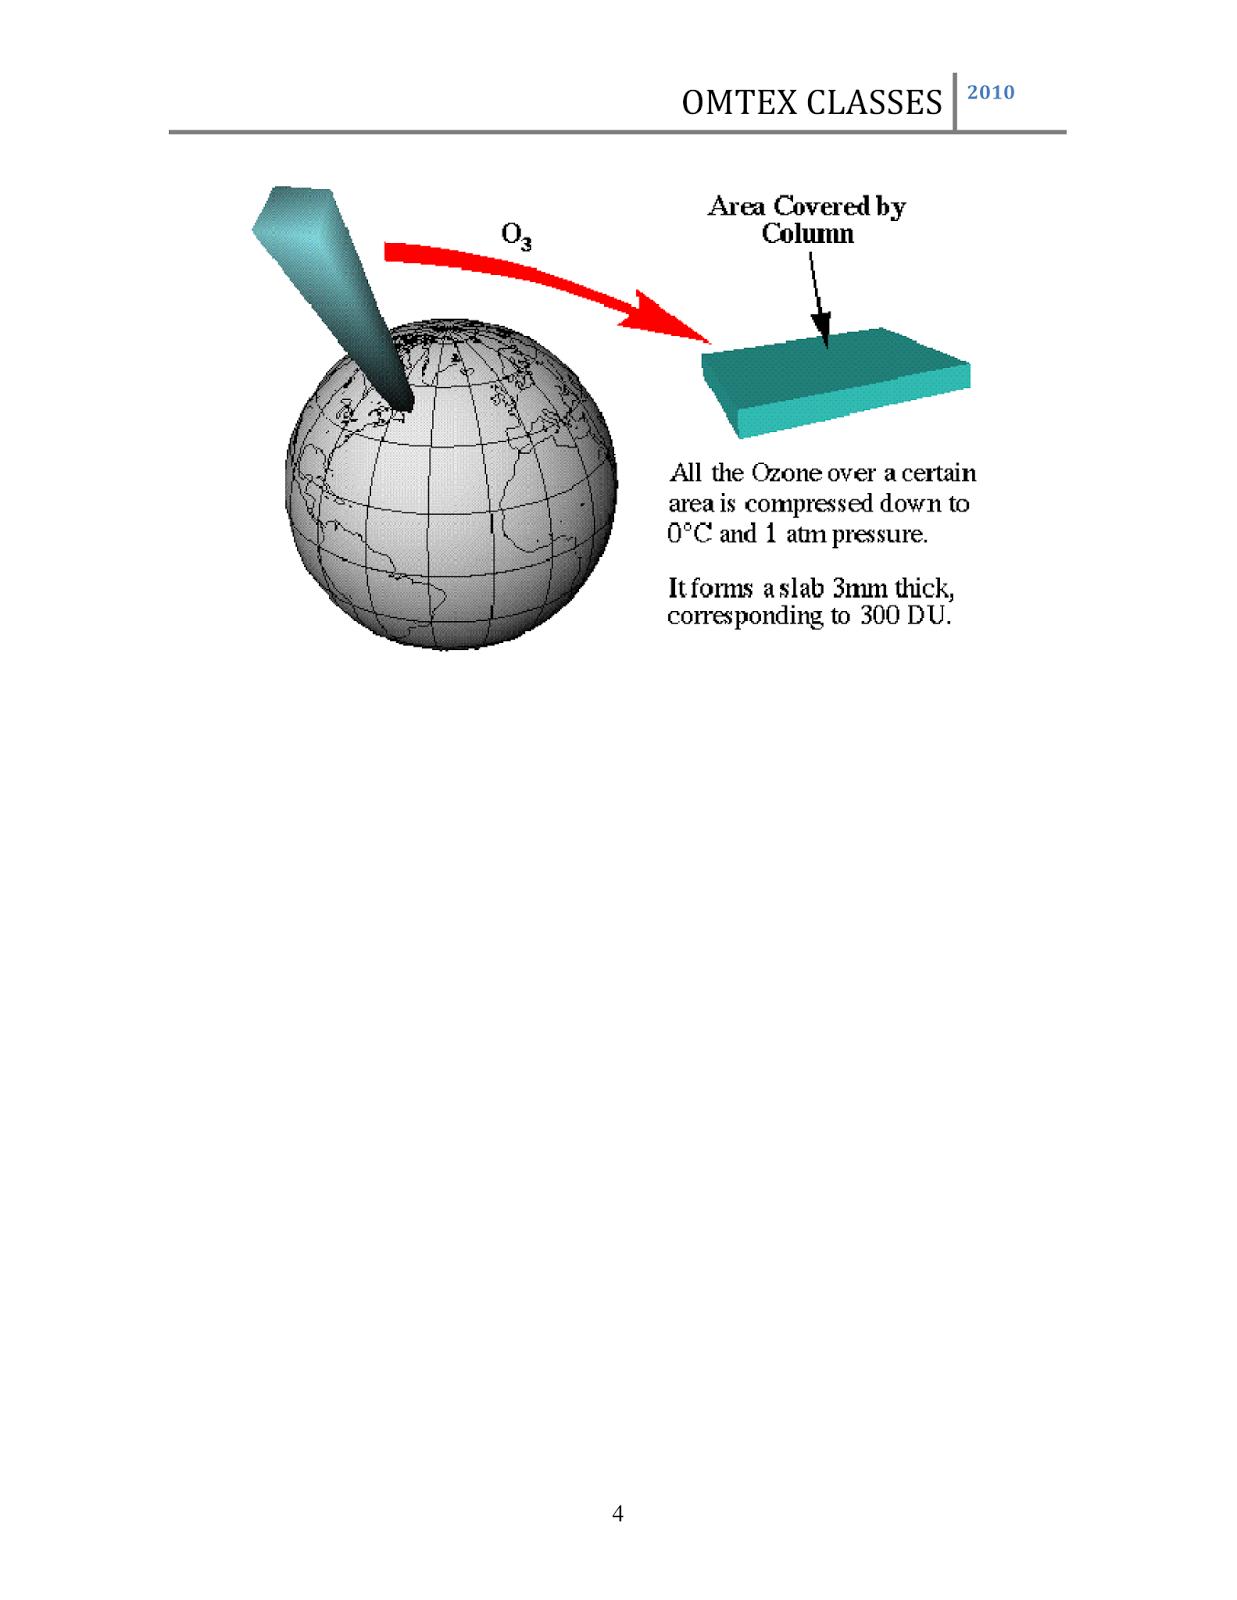 ozone layer essay paper